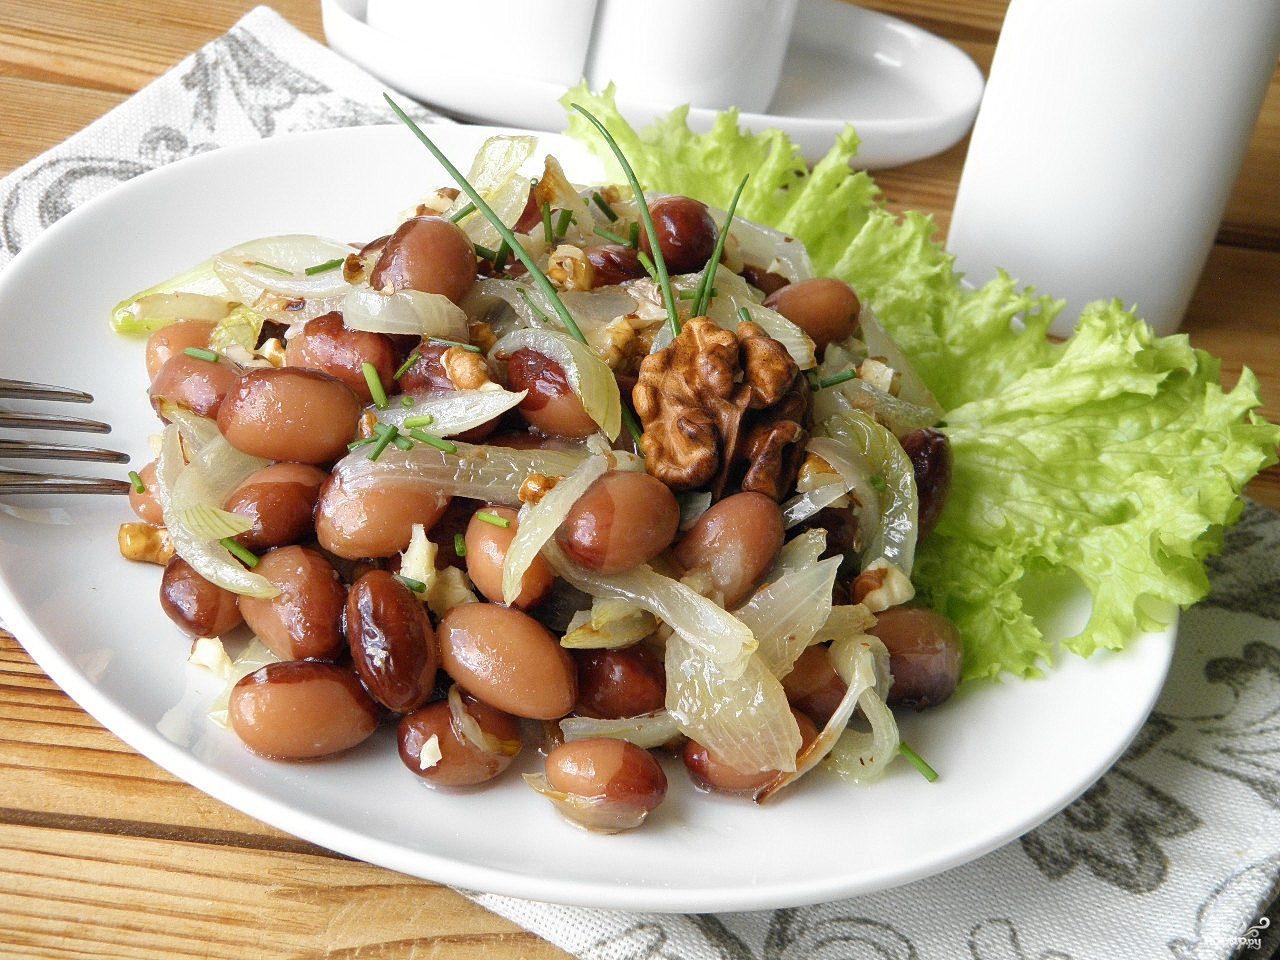 салат с фасолью фото пошагово интернете нашла видео